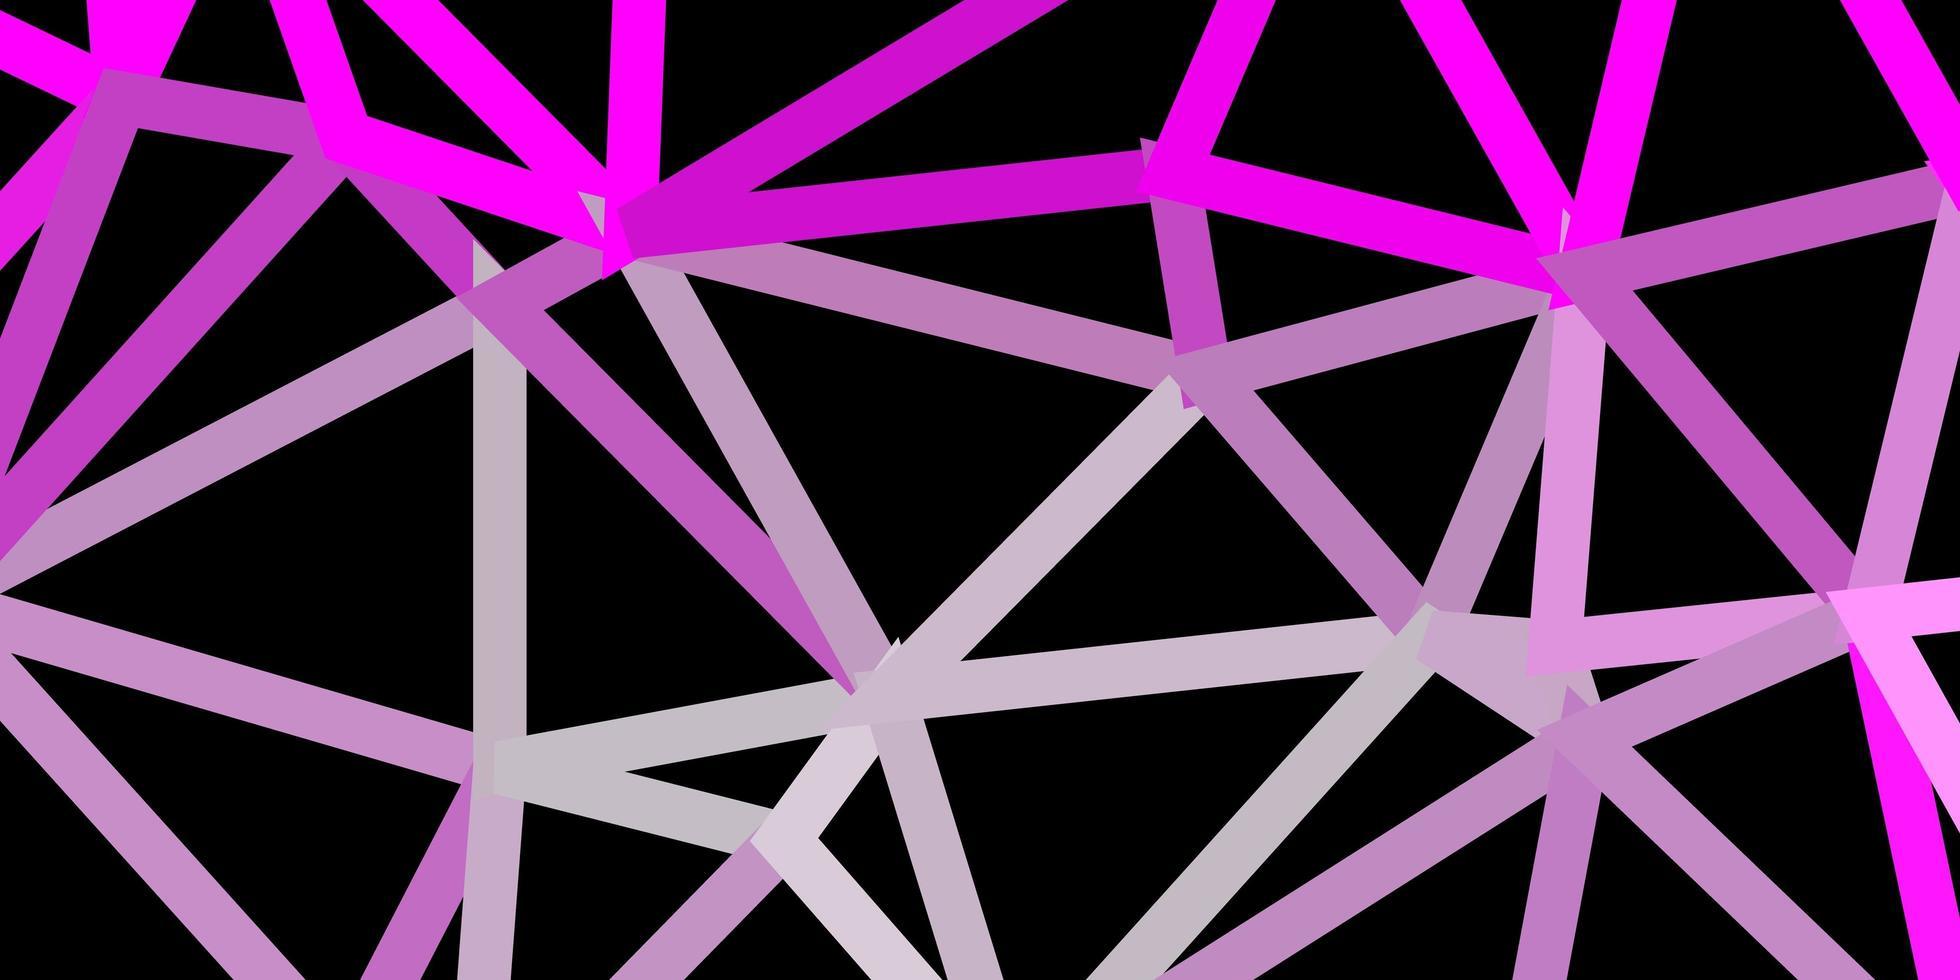 fond de triangle abstrait vecteur rose clair.